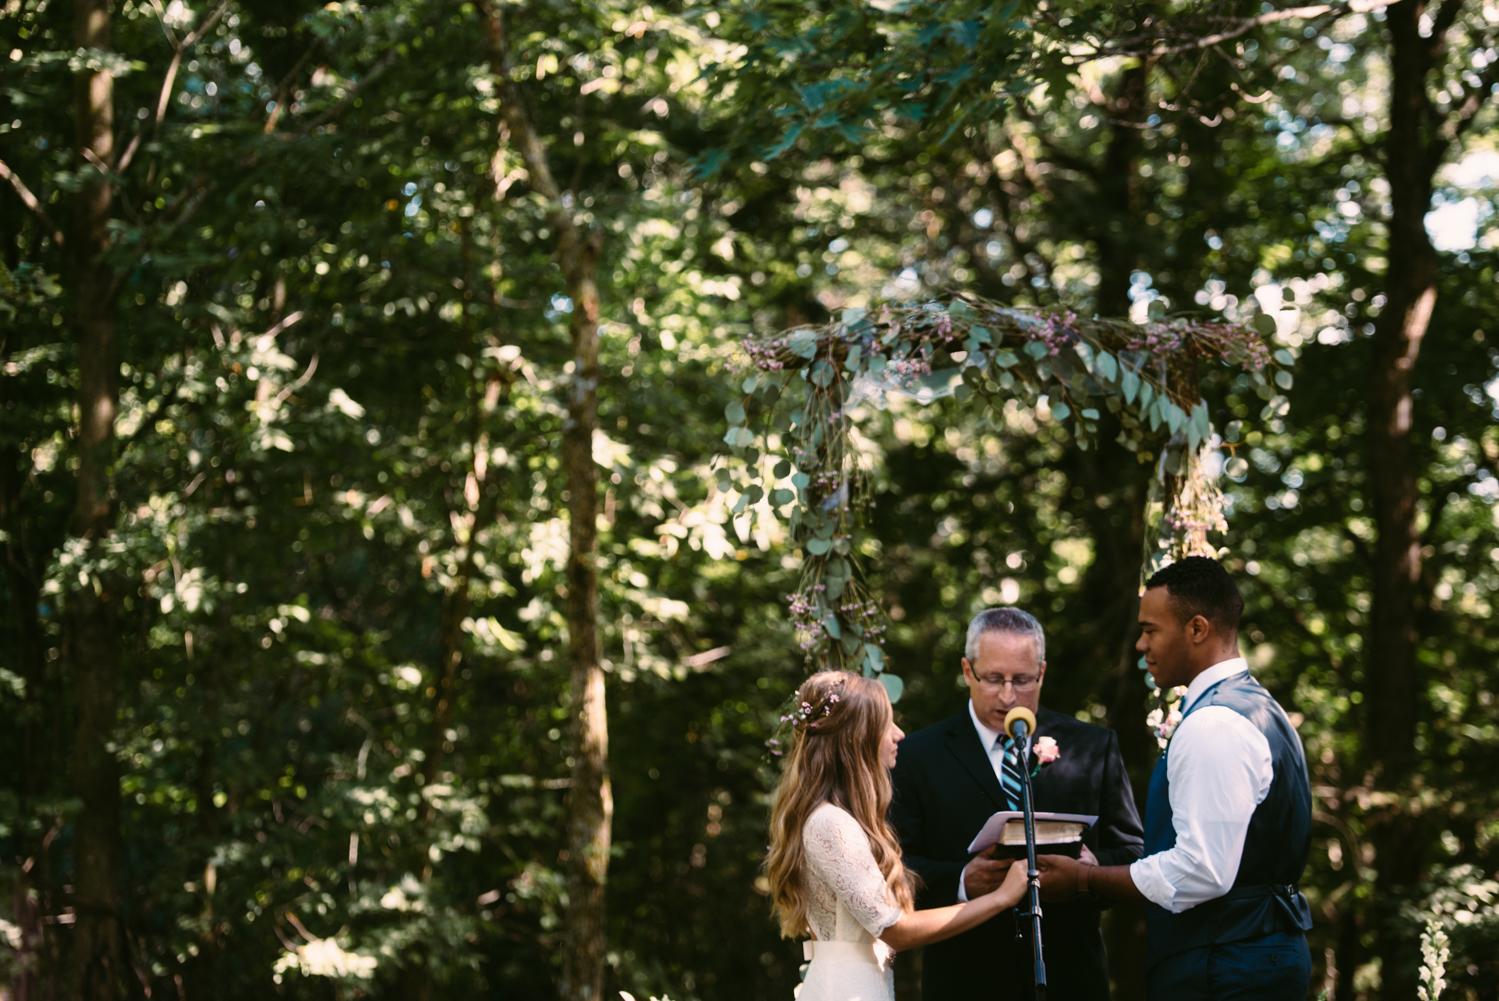 elopement-wedding-ceremony-1.jpg